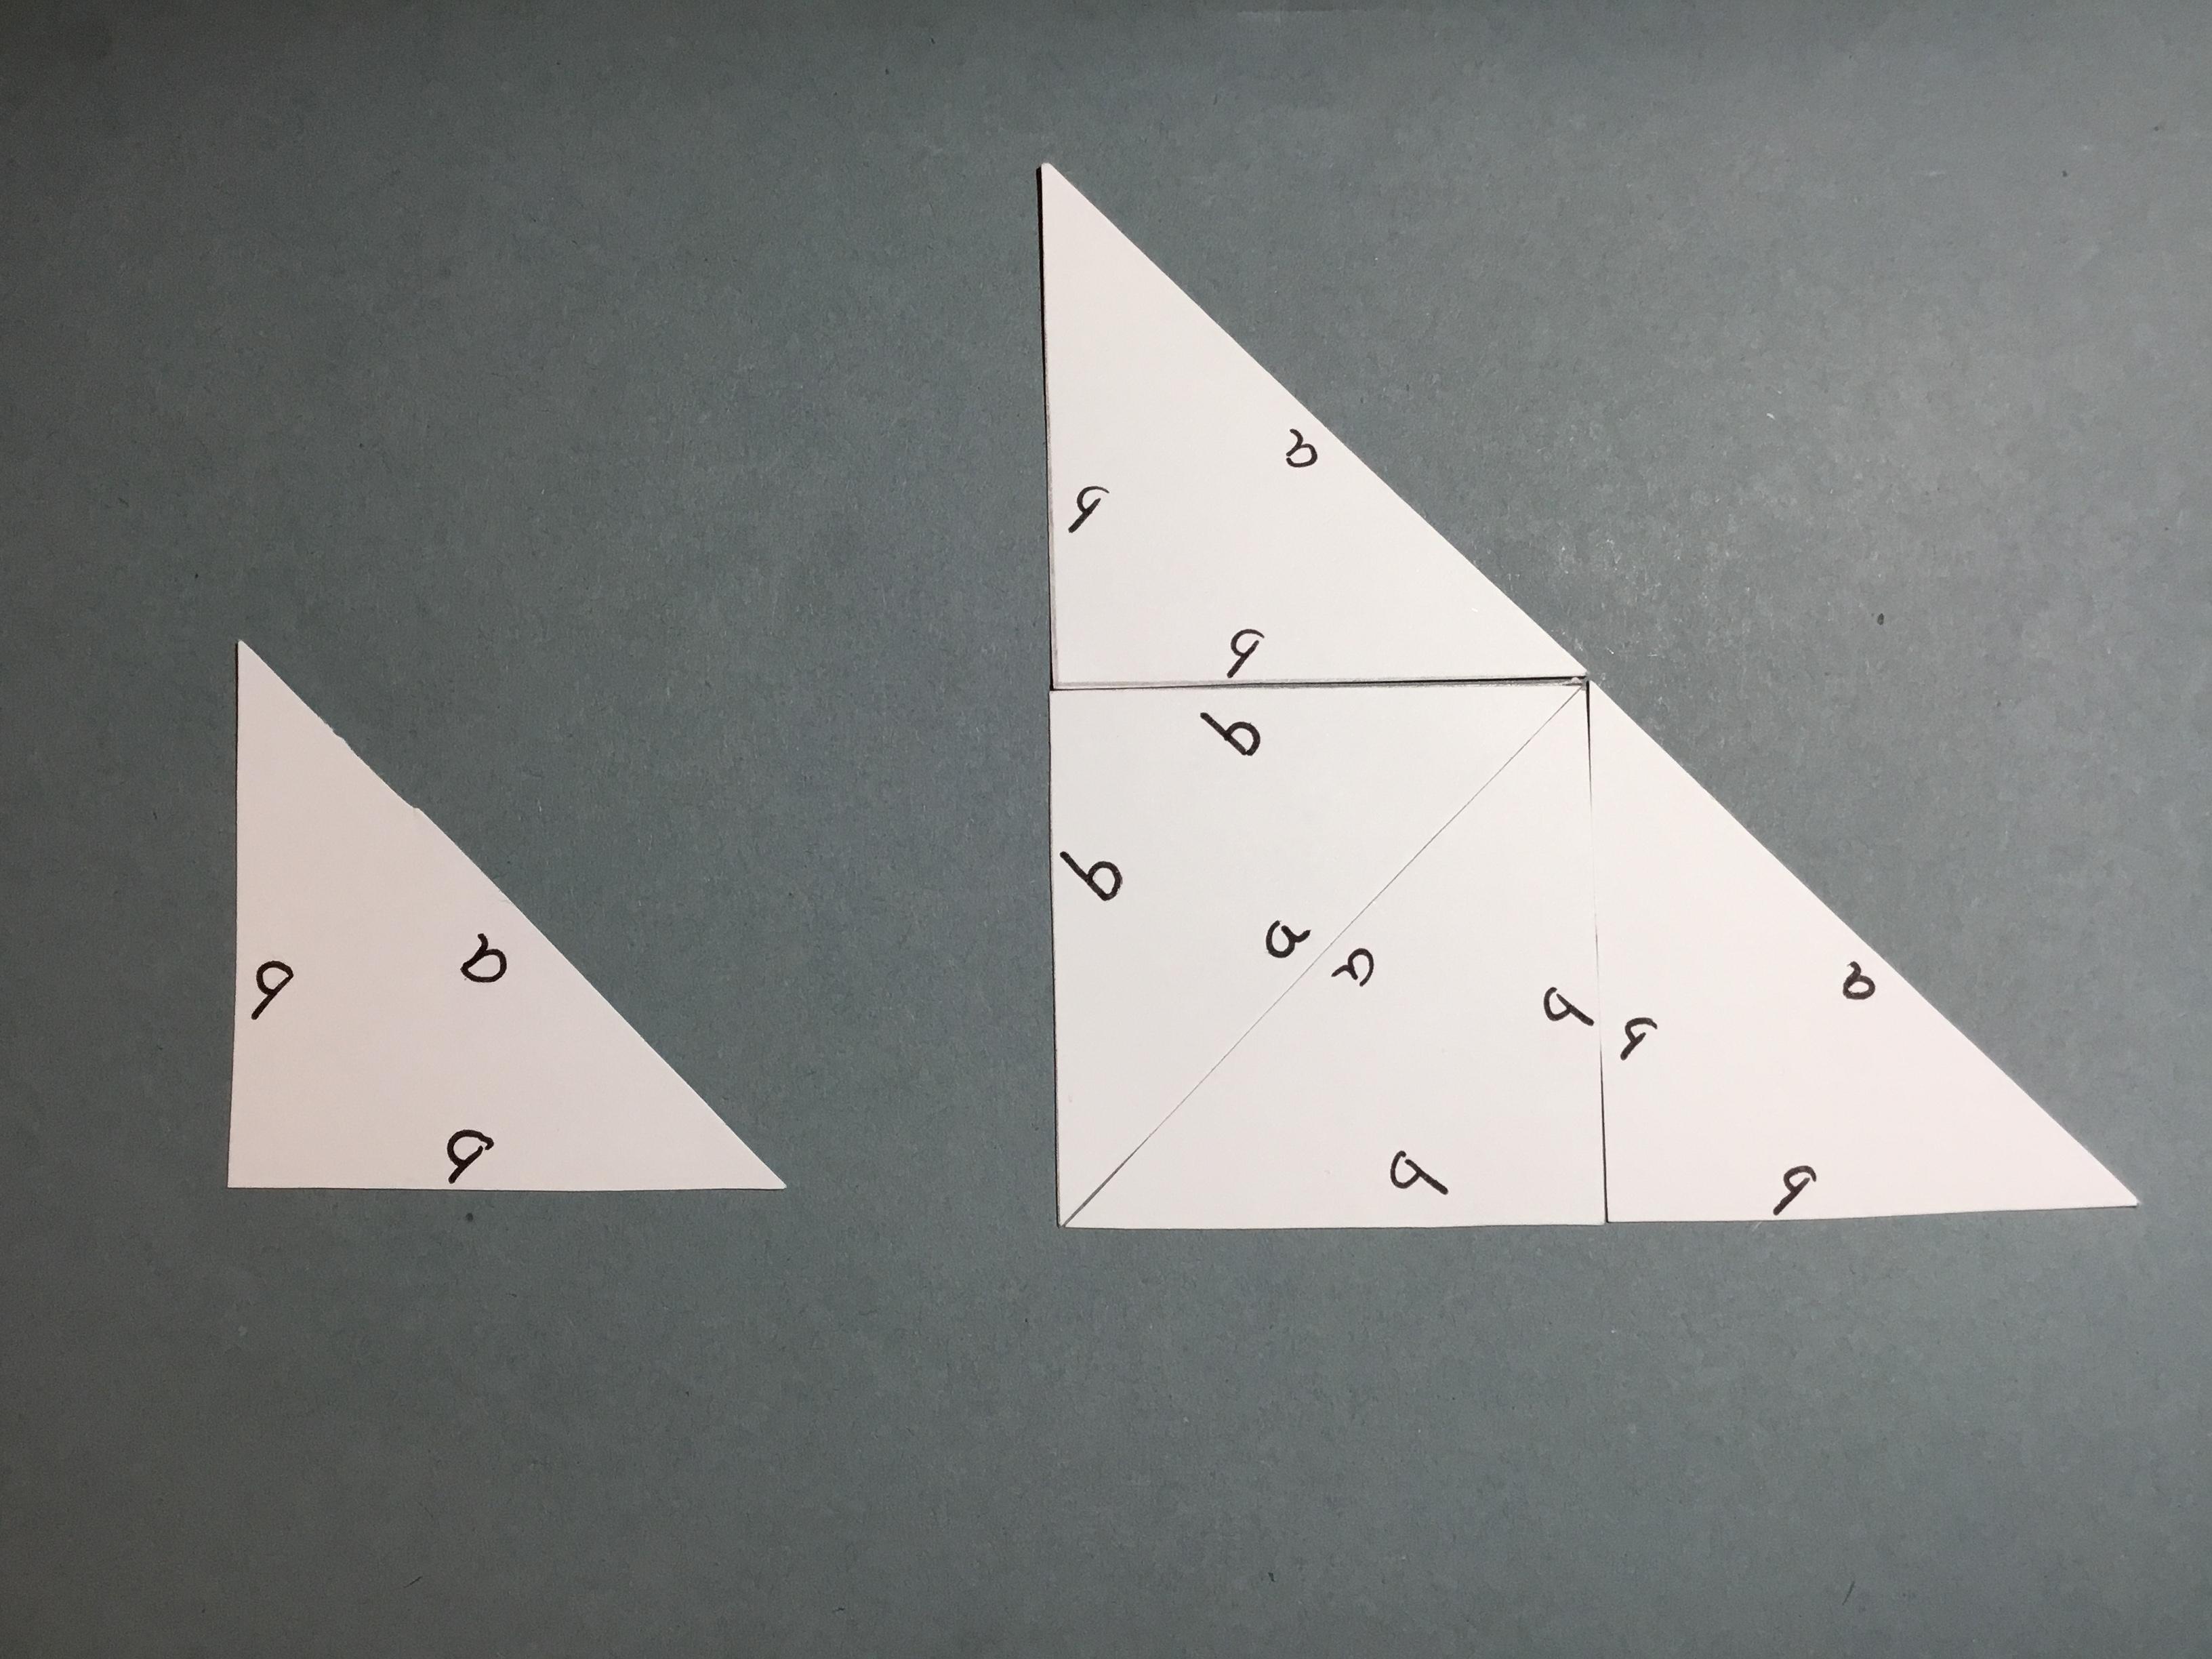 6CF1D84E-3343-42CD-B64F-8EBB4F9D1D9C